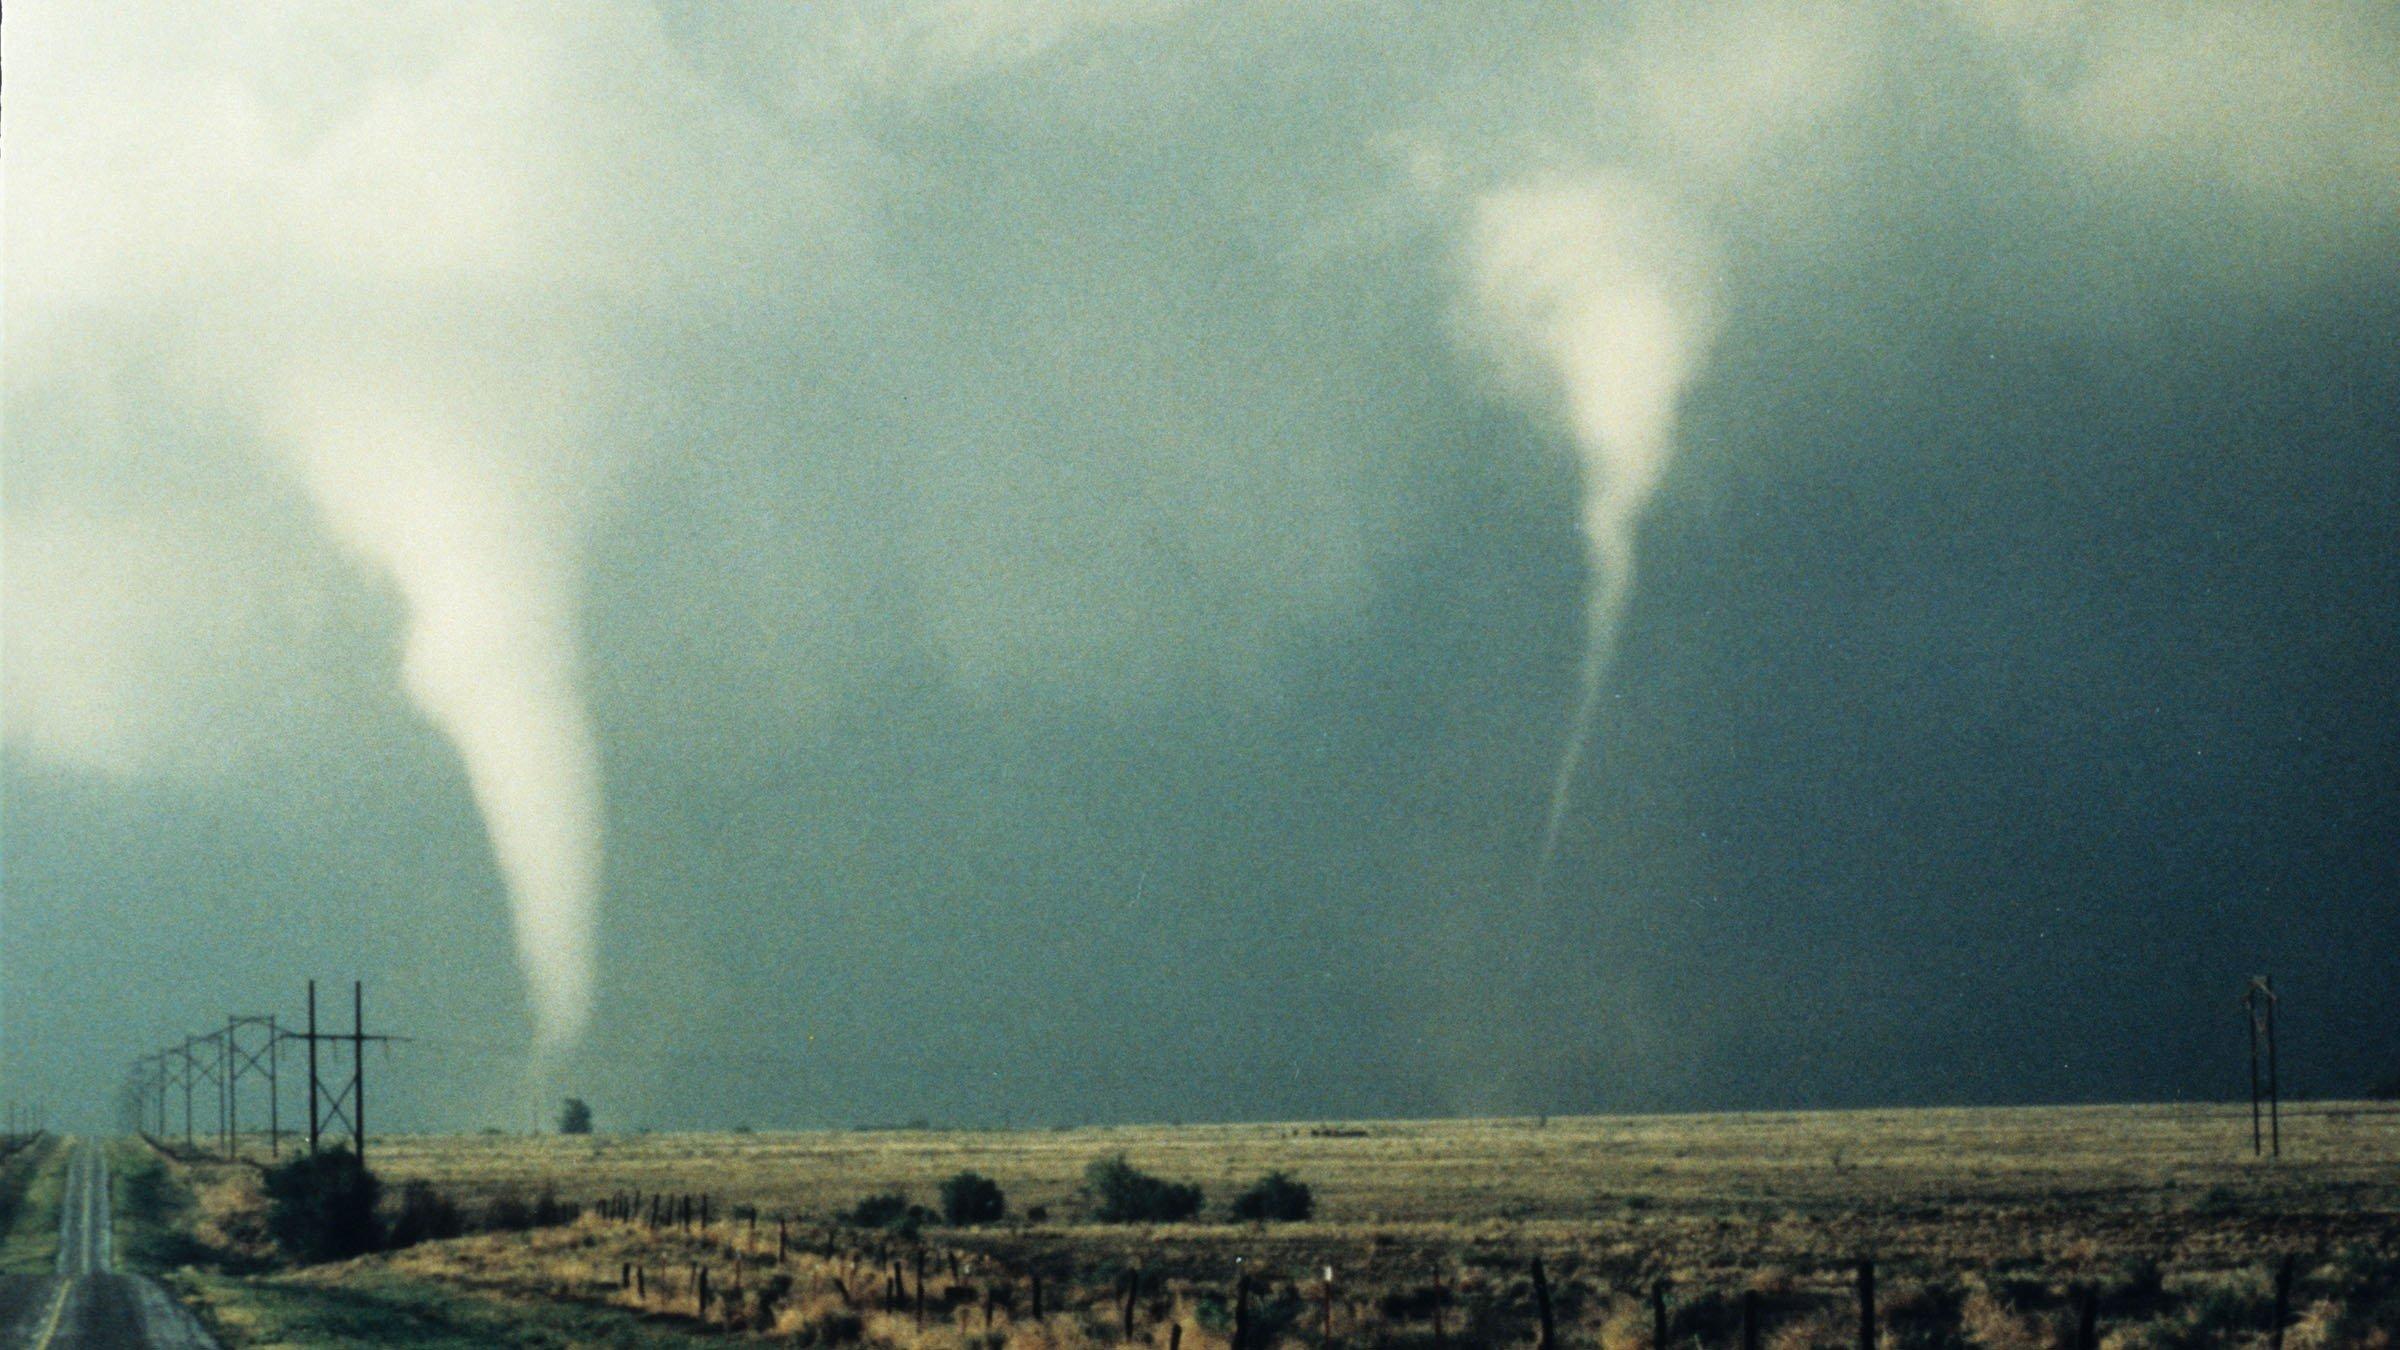 desastres naturales los tornados